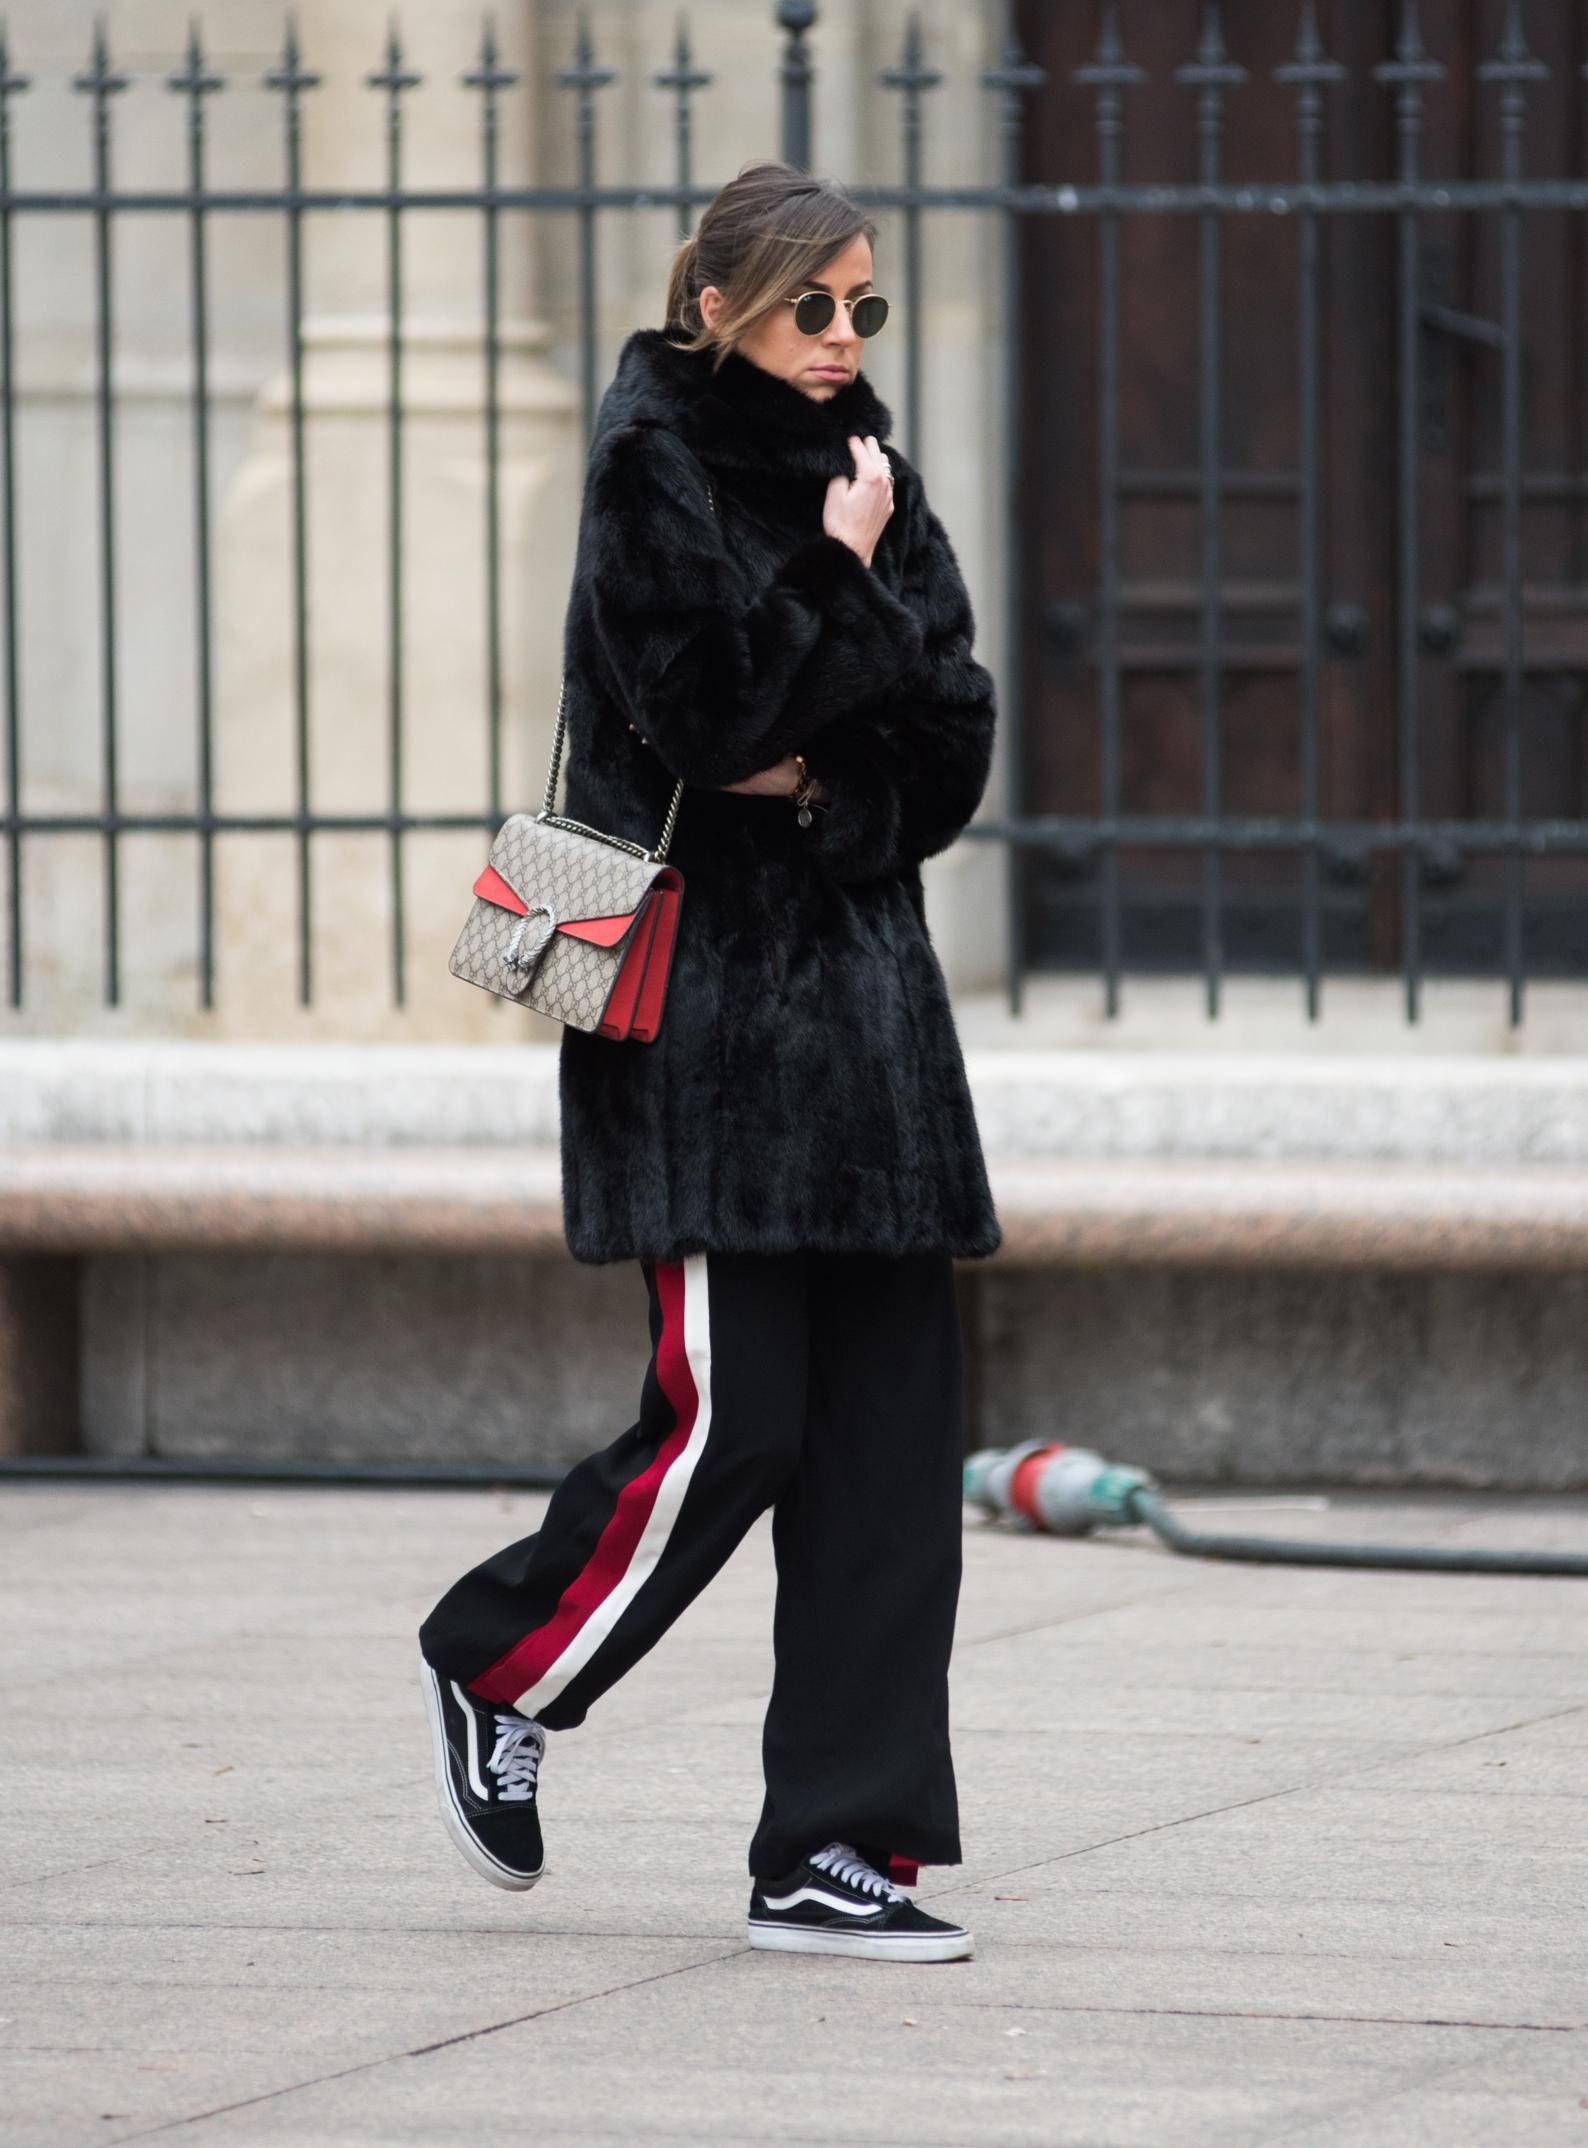 Stil ove ljepotice jednostavno obožavamo, a trendi torbu poput njene želimo u svom ormaru!